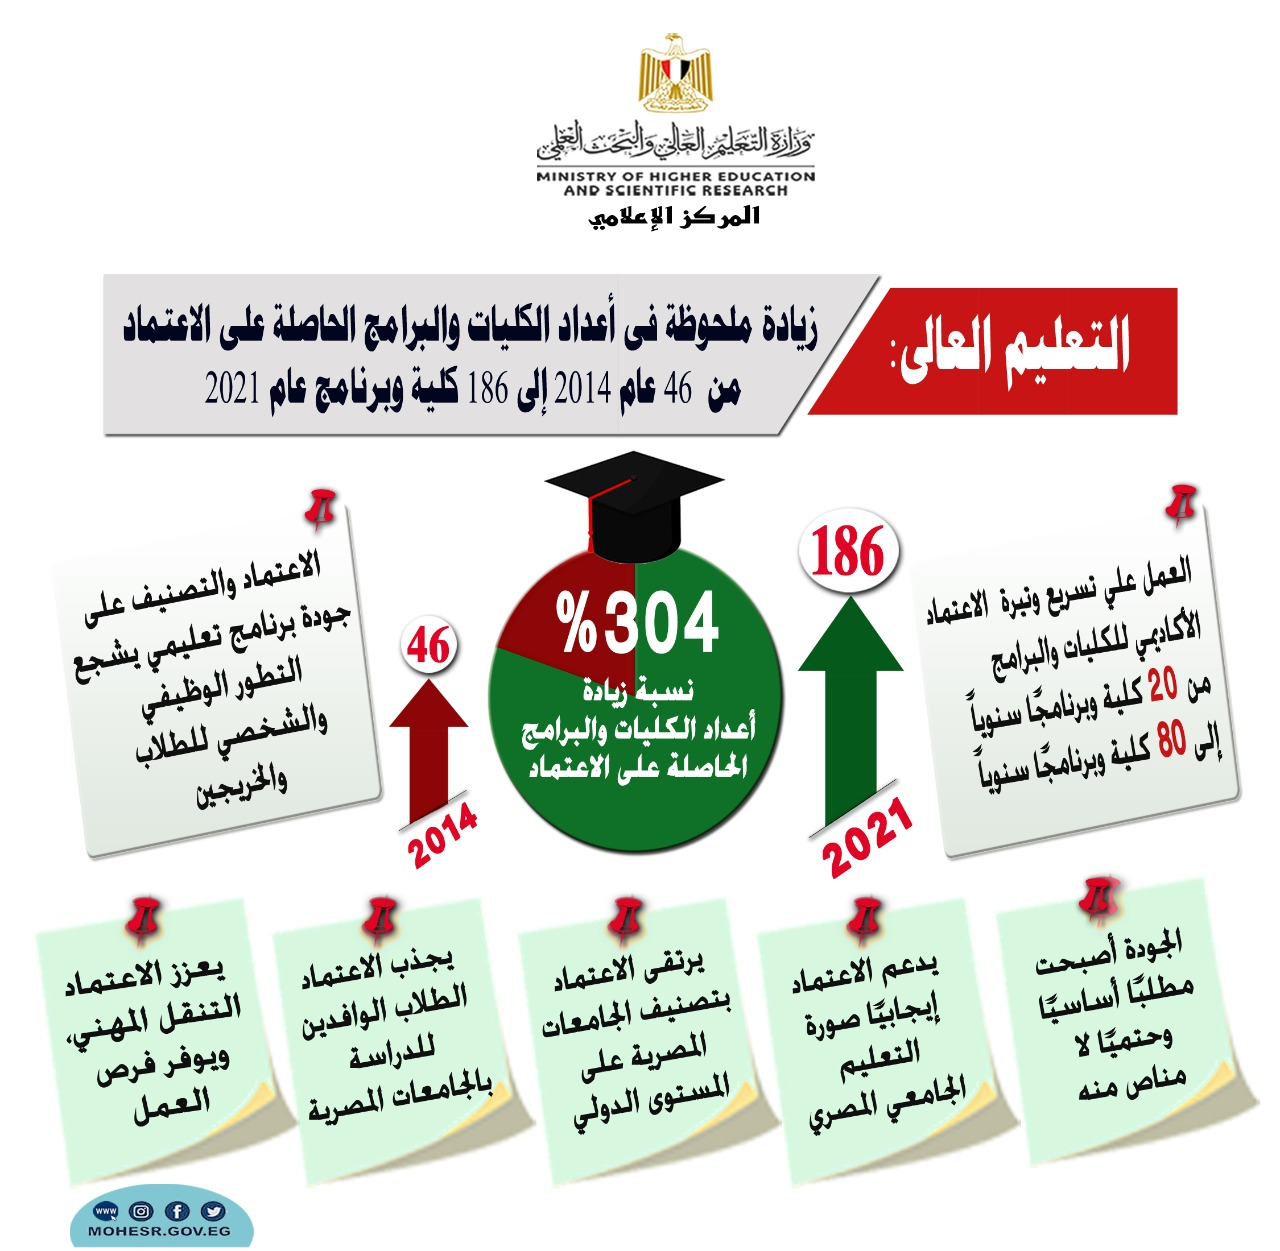 التعليم العالى: زيادة ملحوظة فى أعداد الكليات والبرامج الحاصلة على الاعتماد من  46 عام 2014 إلى 186 كلية وبرنامج عام 2021